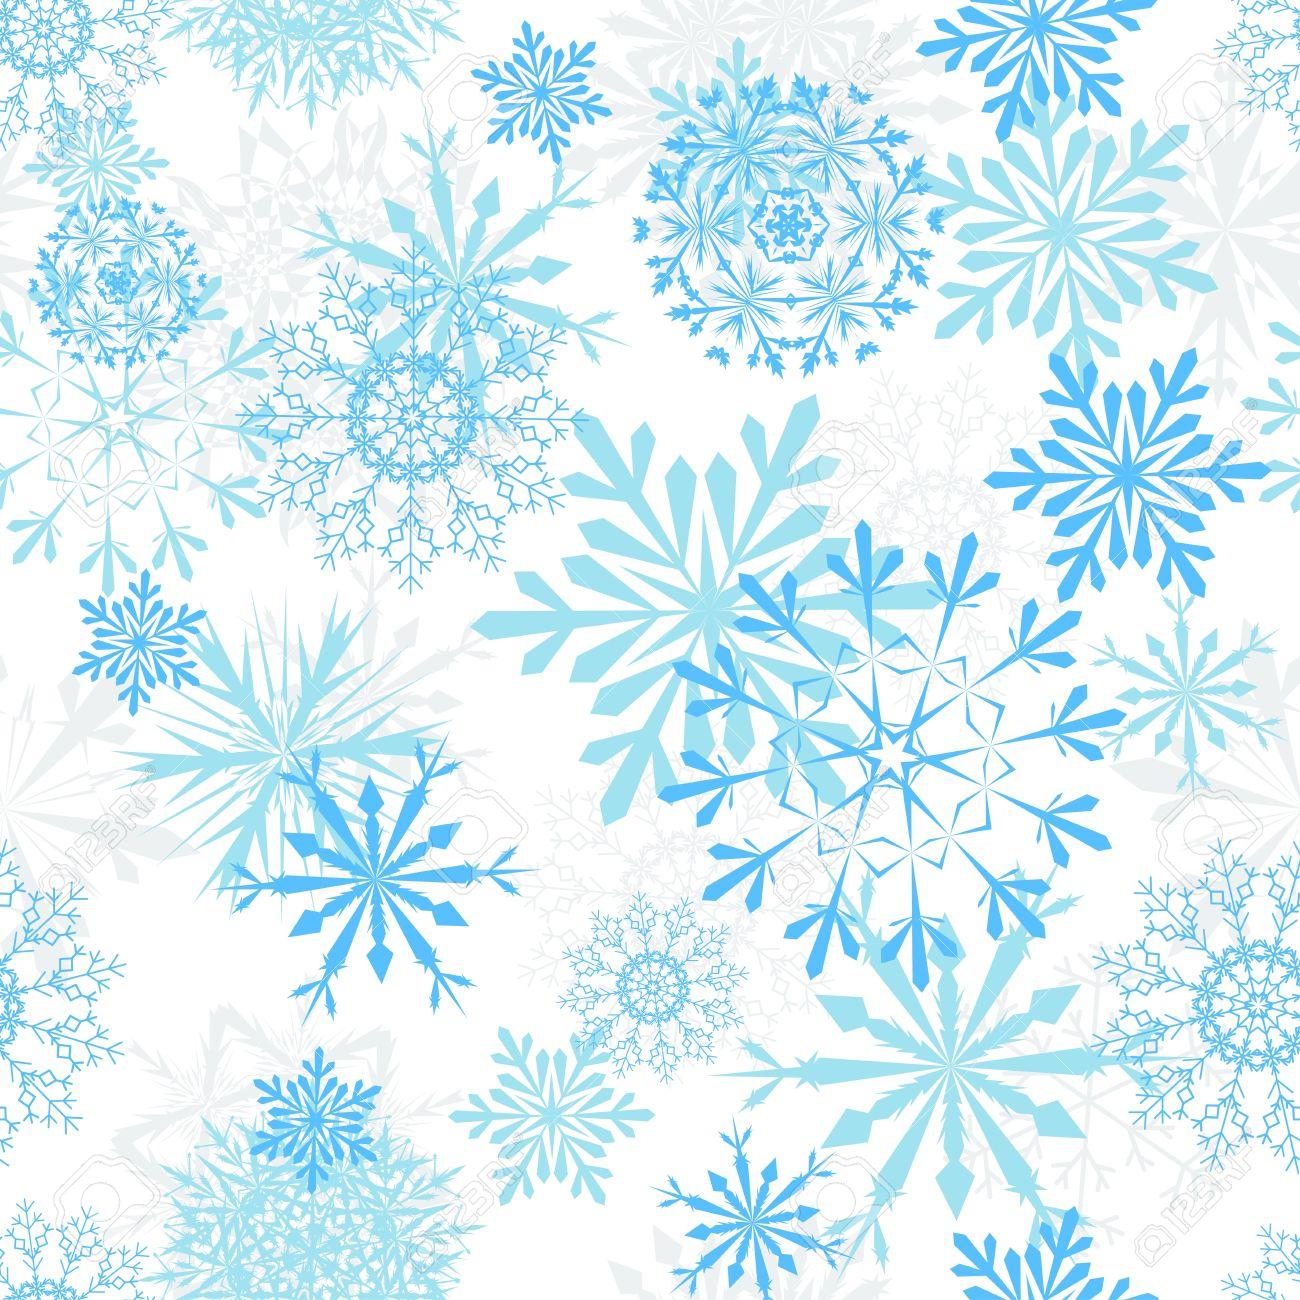 Nahtlose Schneeflocken Hintergrund Für Winter Und Weihnachten Design ...